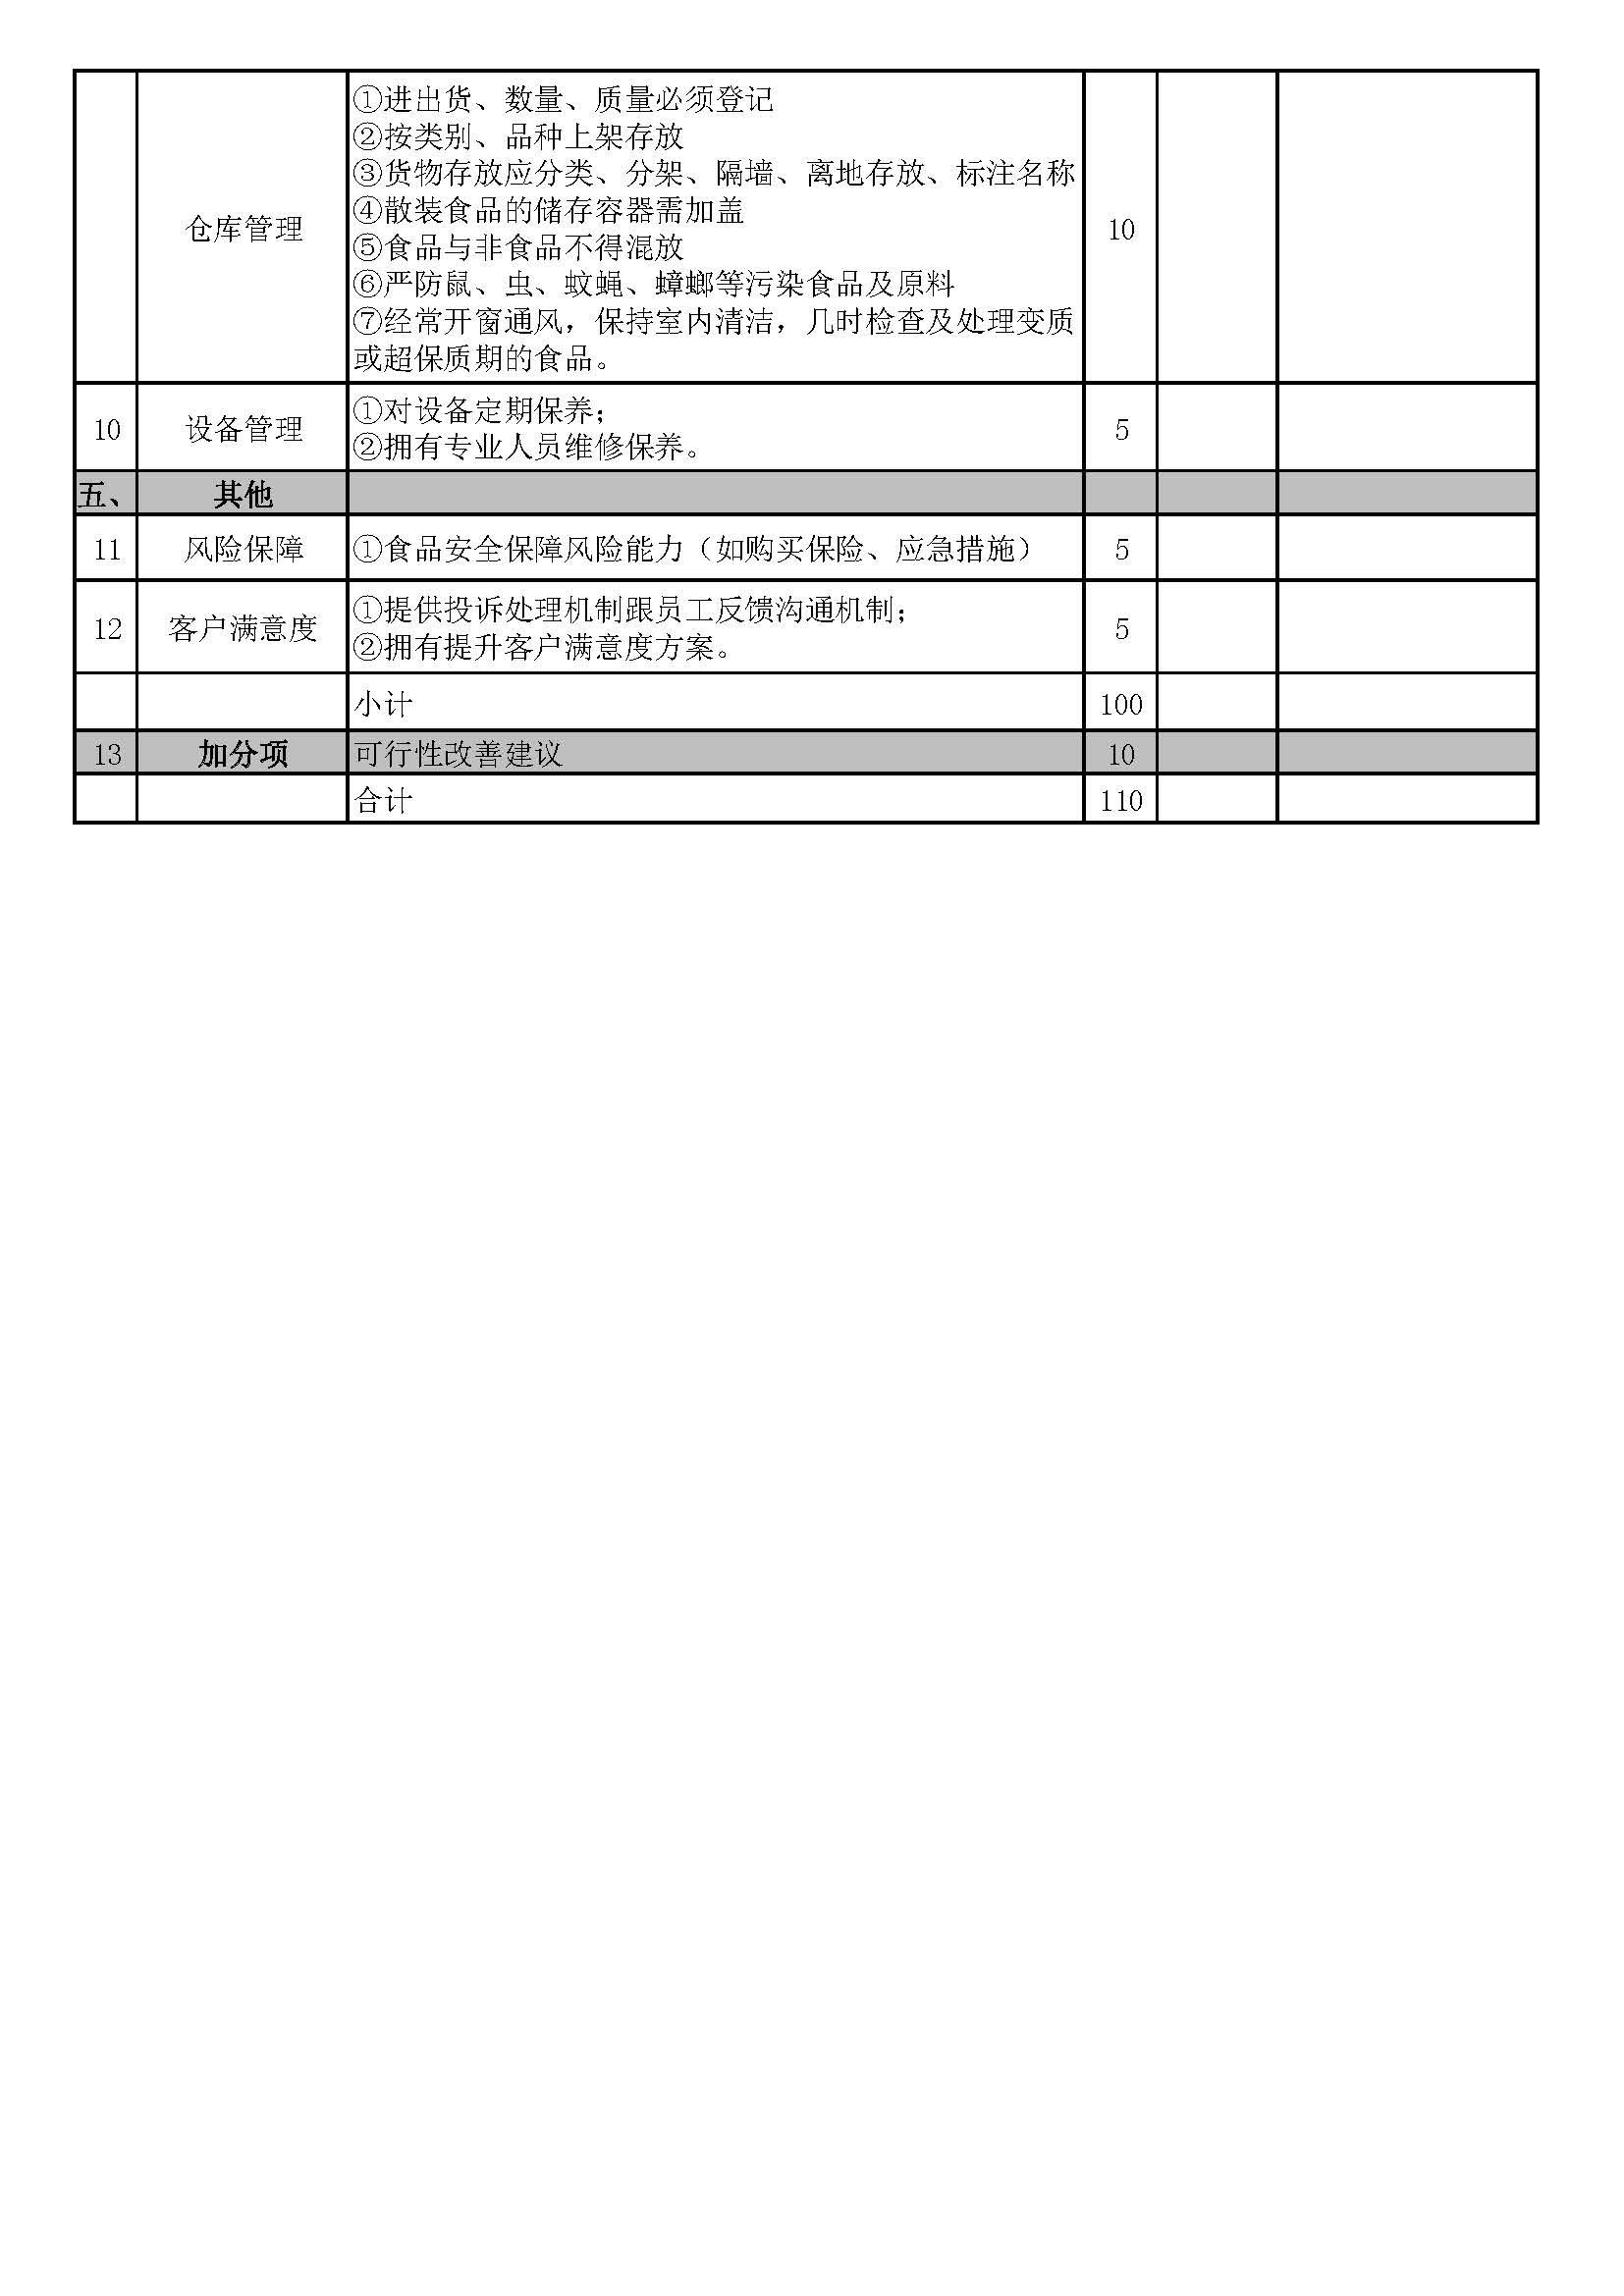 食堂经营承包商公开演示评分表(1)_页面_2.jpg